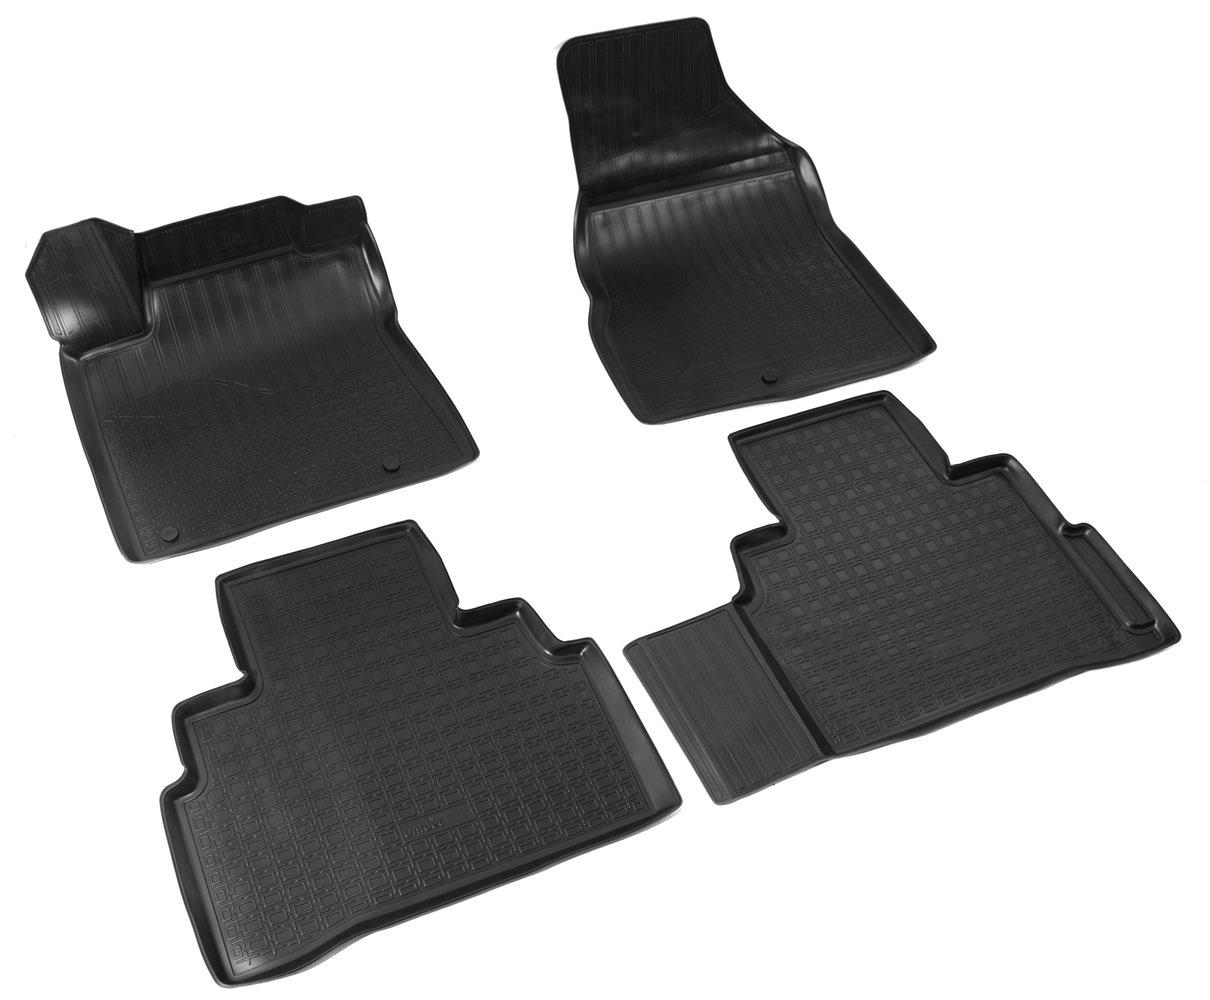 цена Коврики в салон автомобиля Norplast для Nissan Murano III 3D (2016), NPA11-C61-224, черный в интернет-магазинах